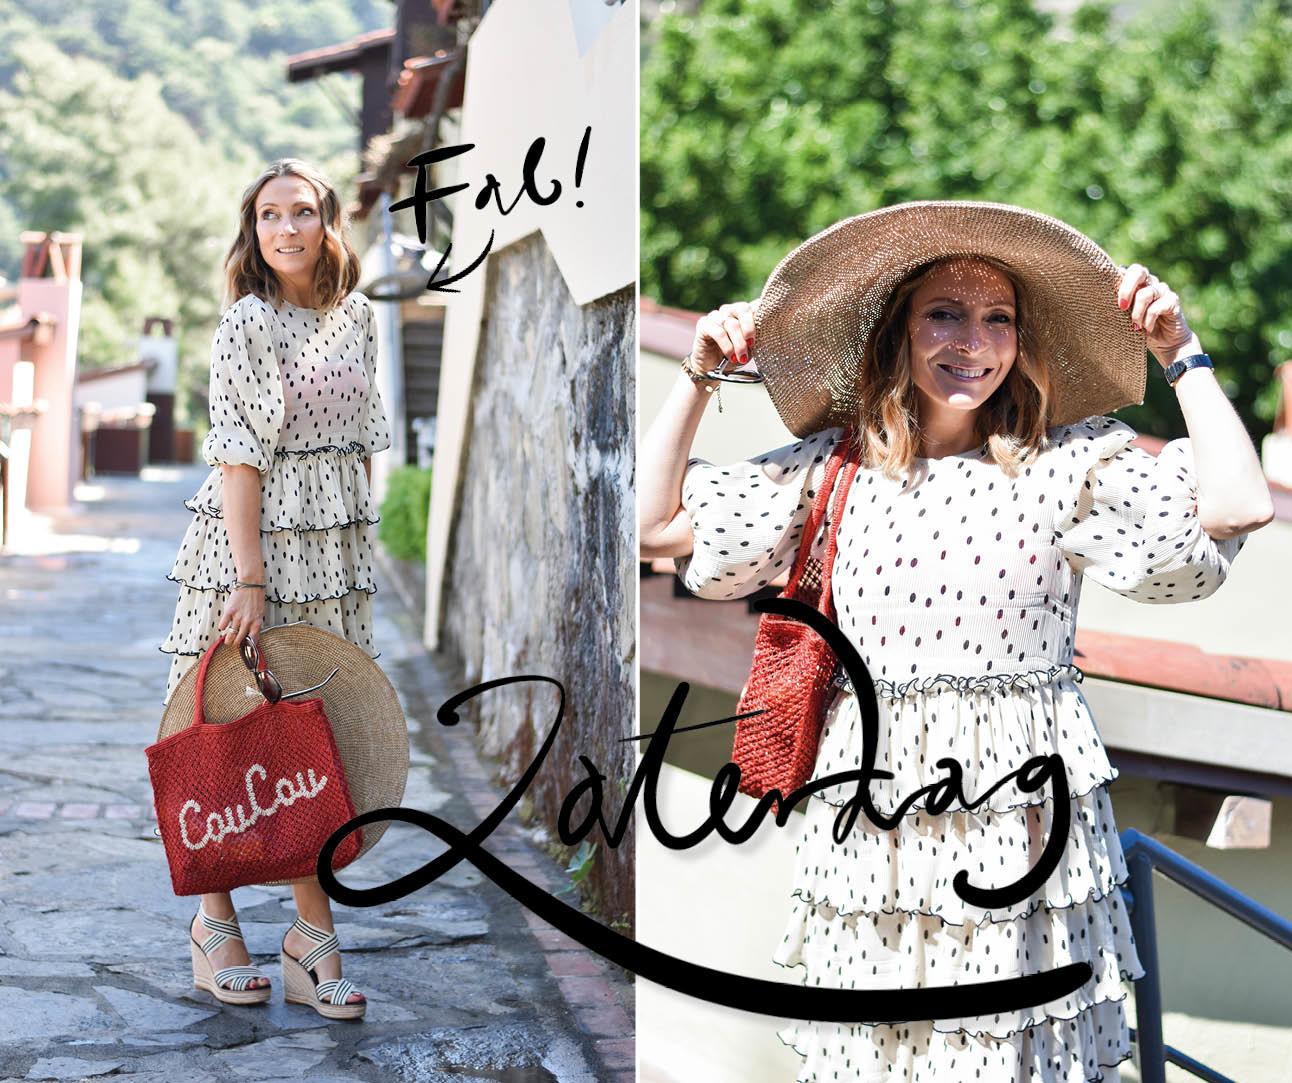 may ganni jurk rieten hoed rode tas turkije